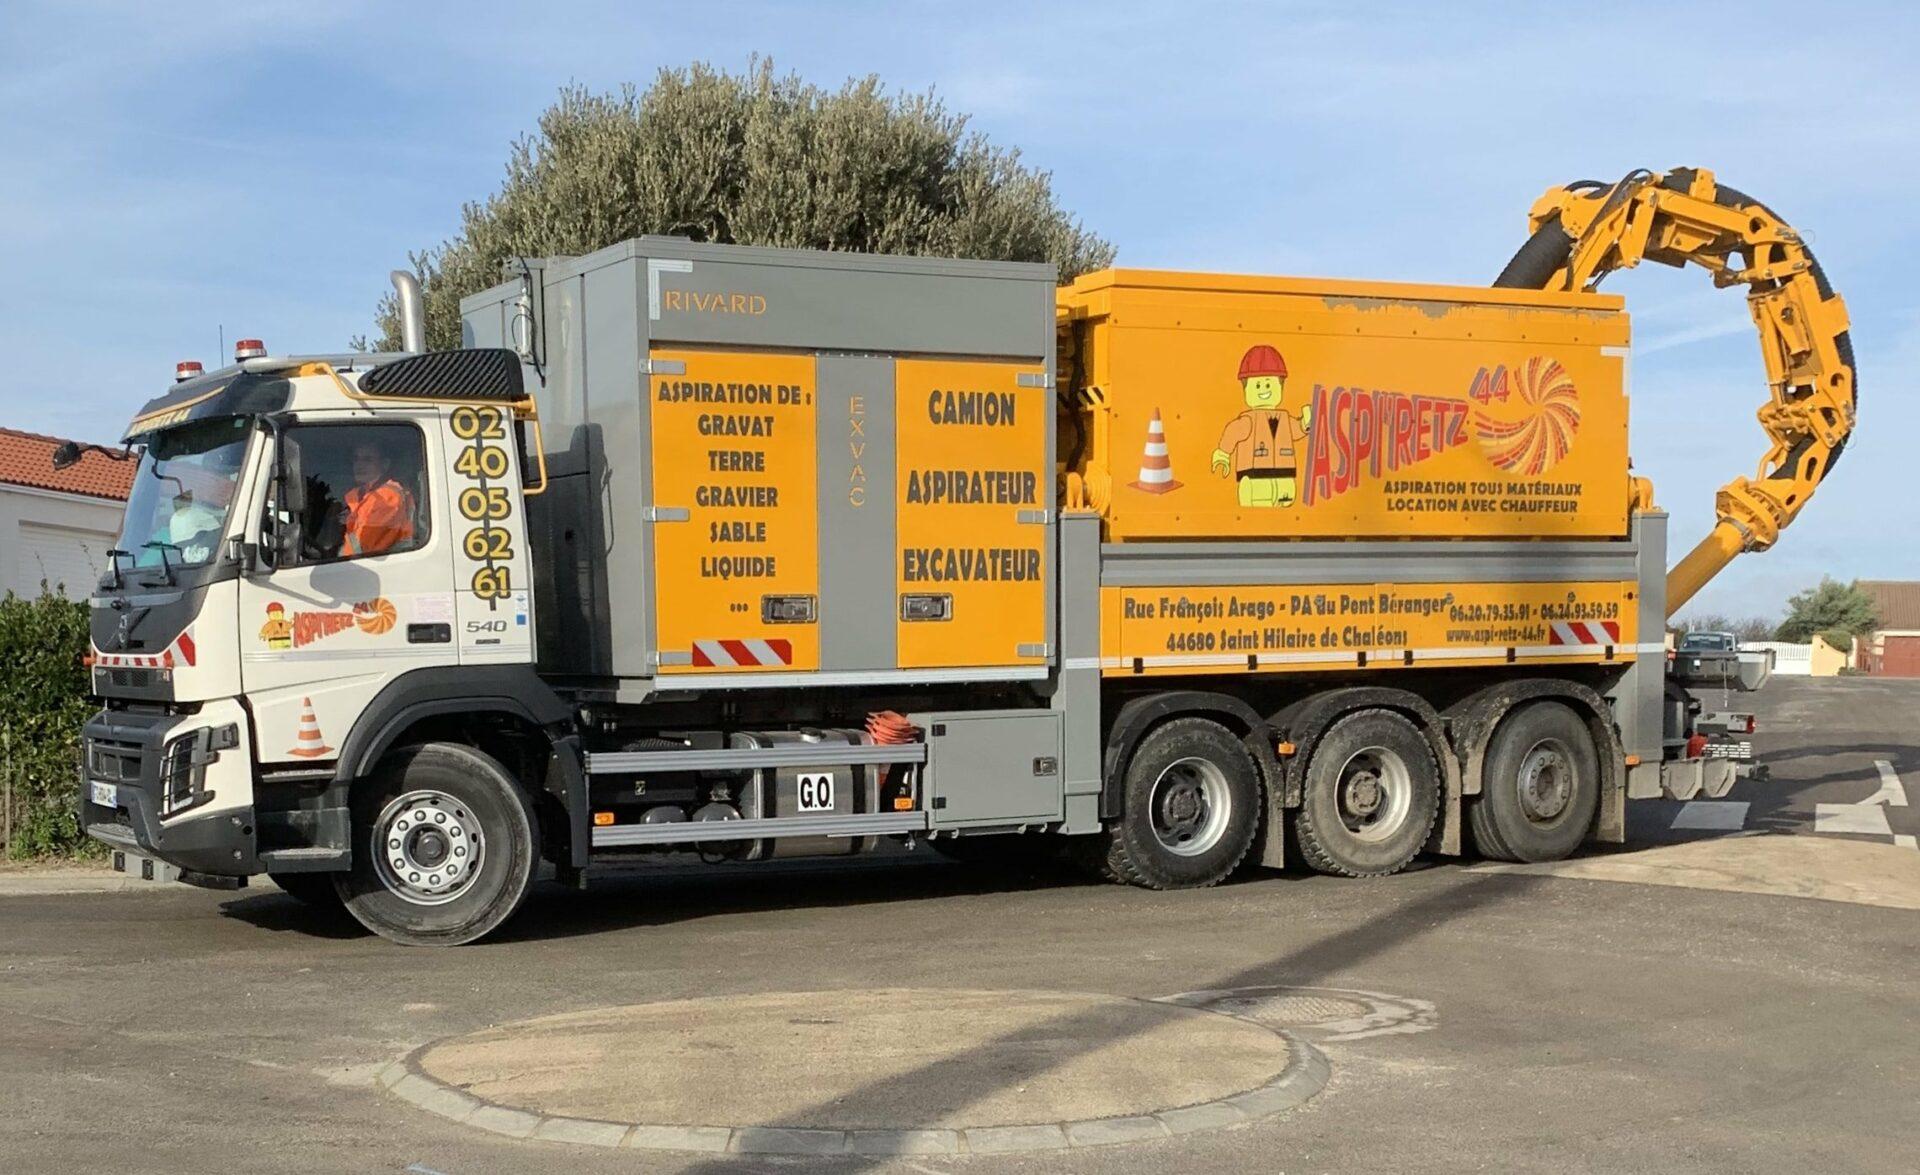 camion-excavateur-aspirateur-aspiretz-loire-atlantique-pays-de-retz